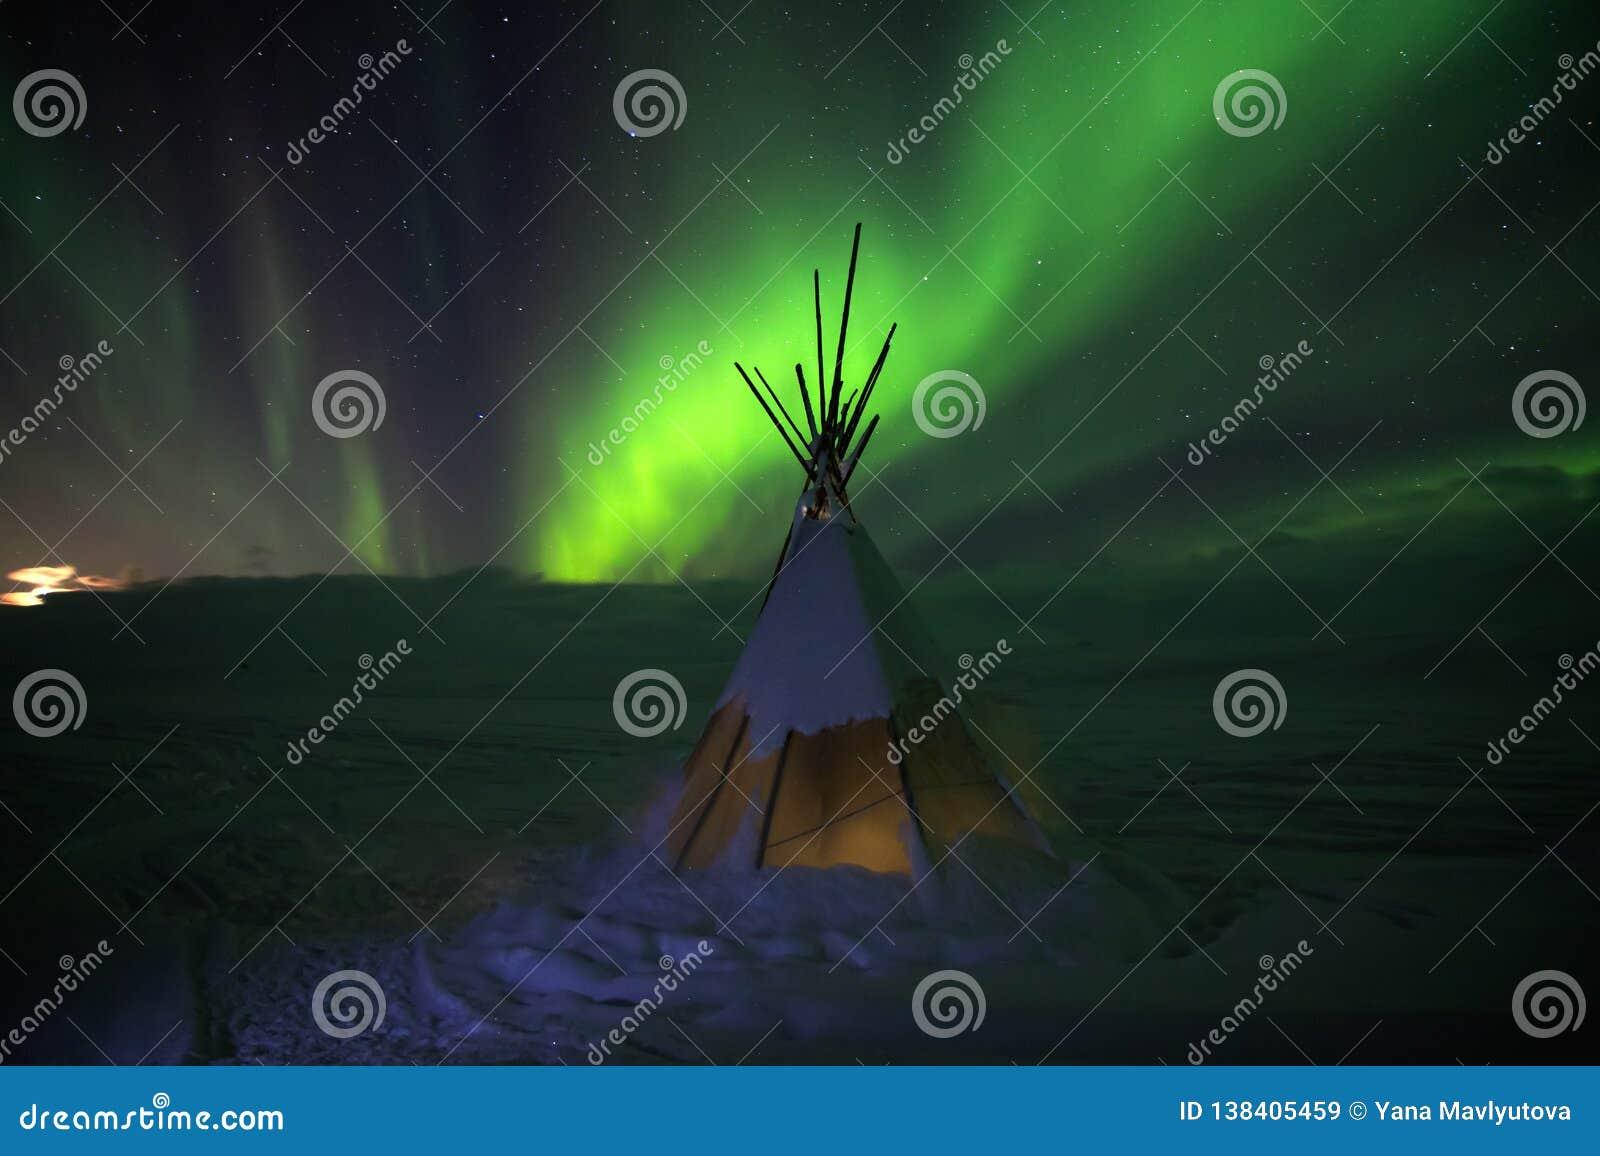 Aurora borealis zaświeca przy nocą w białej śnieżnej tundrze, Rosja, północ Piękny arktyczny biegunowy krajobraz zielone błyskawi